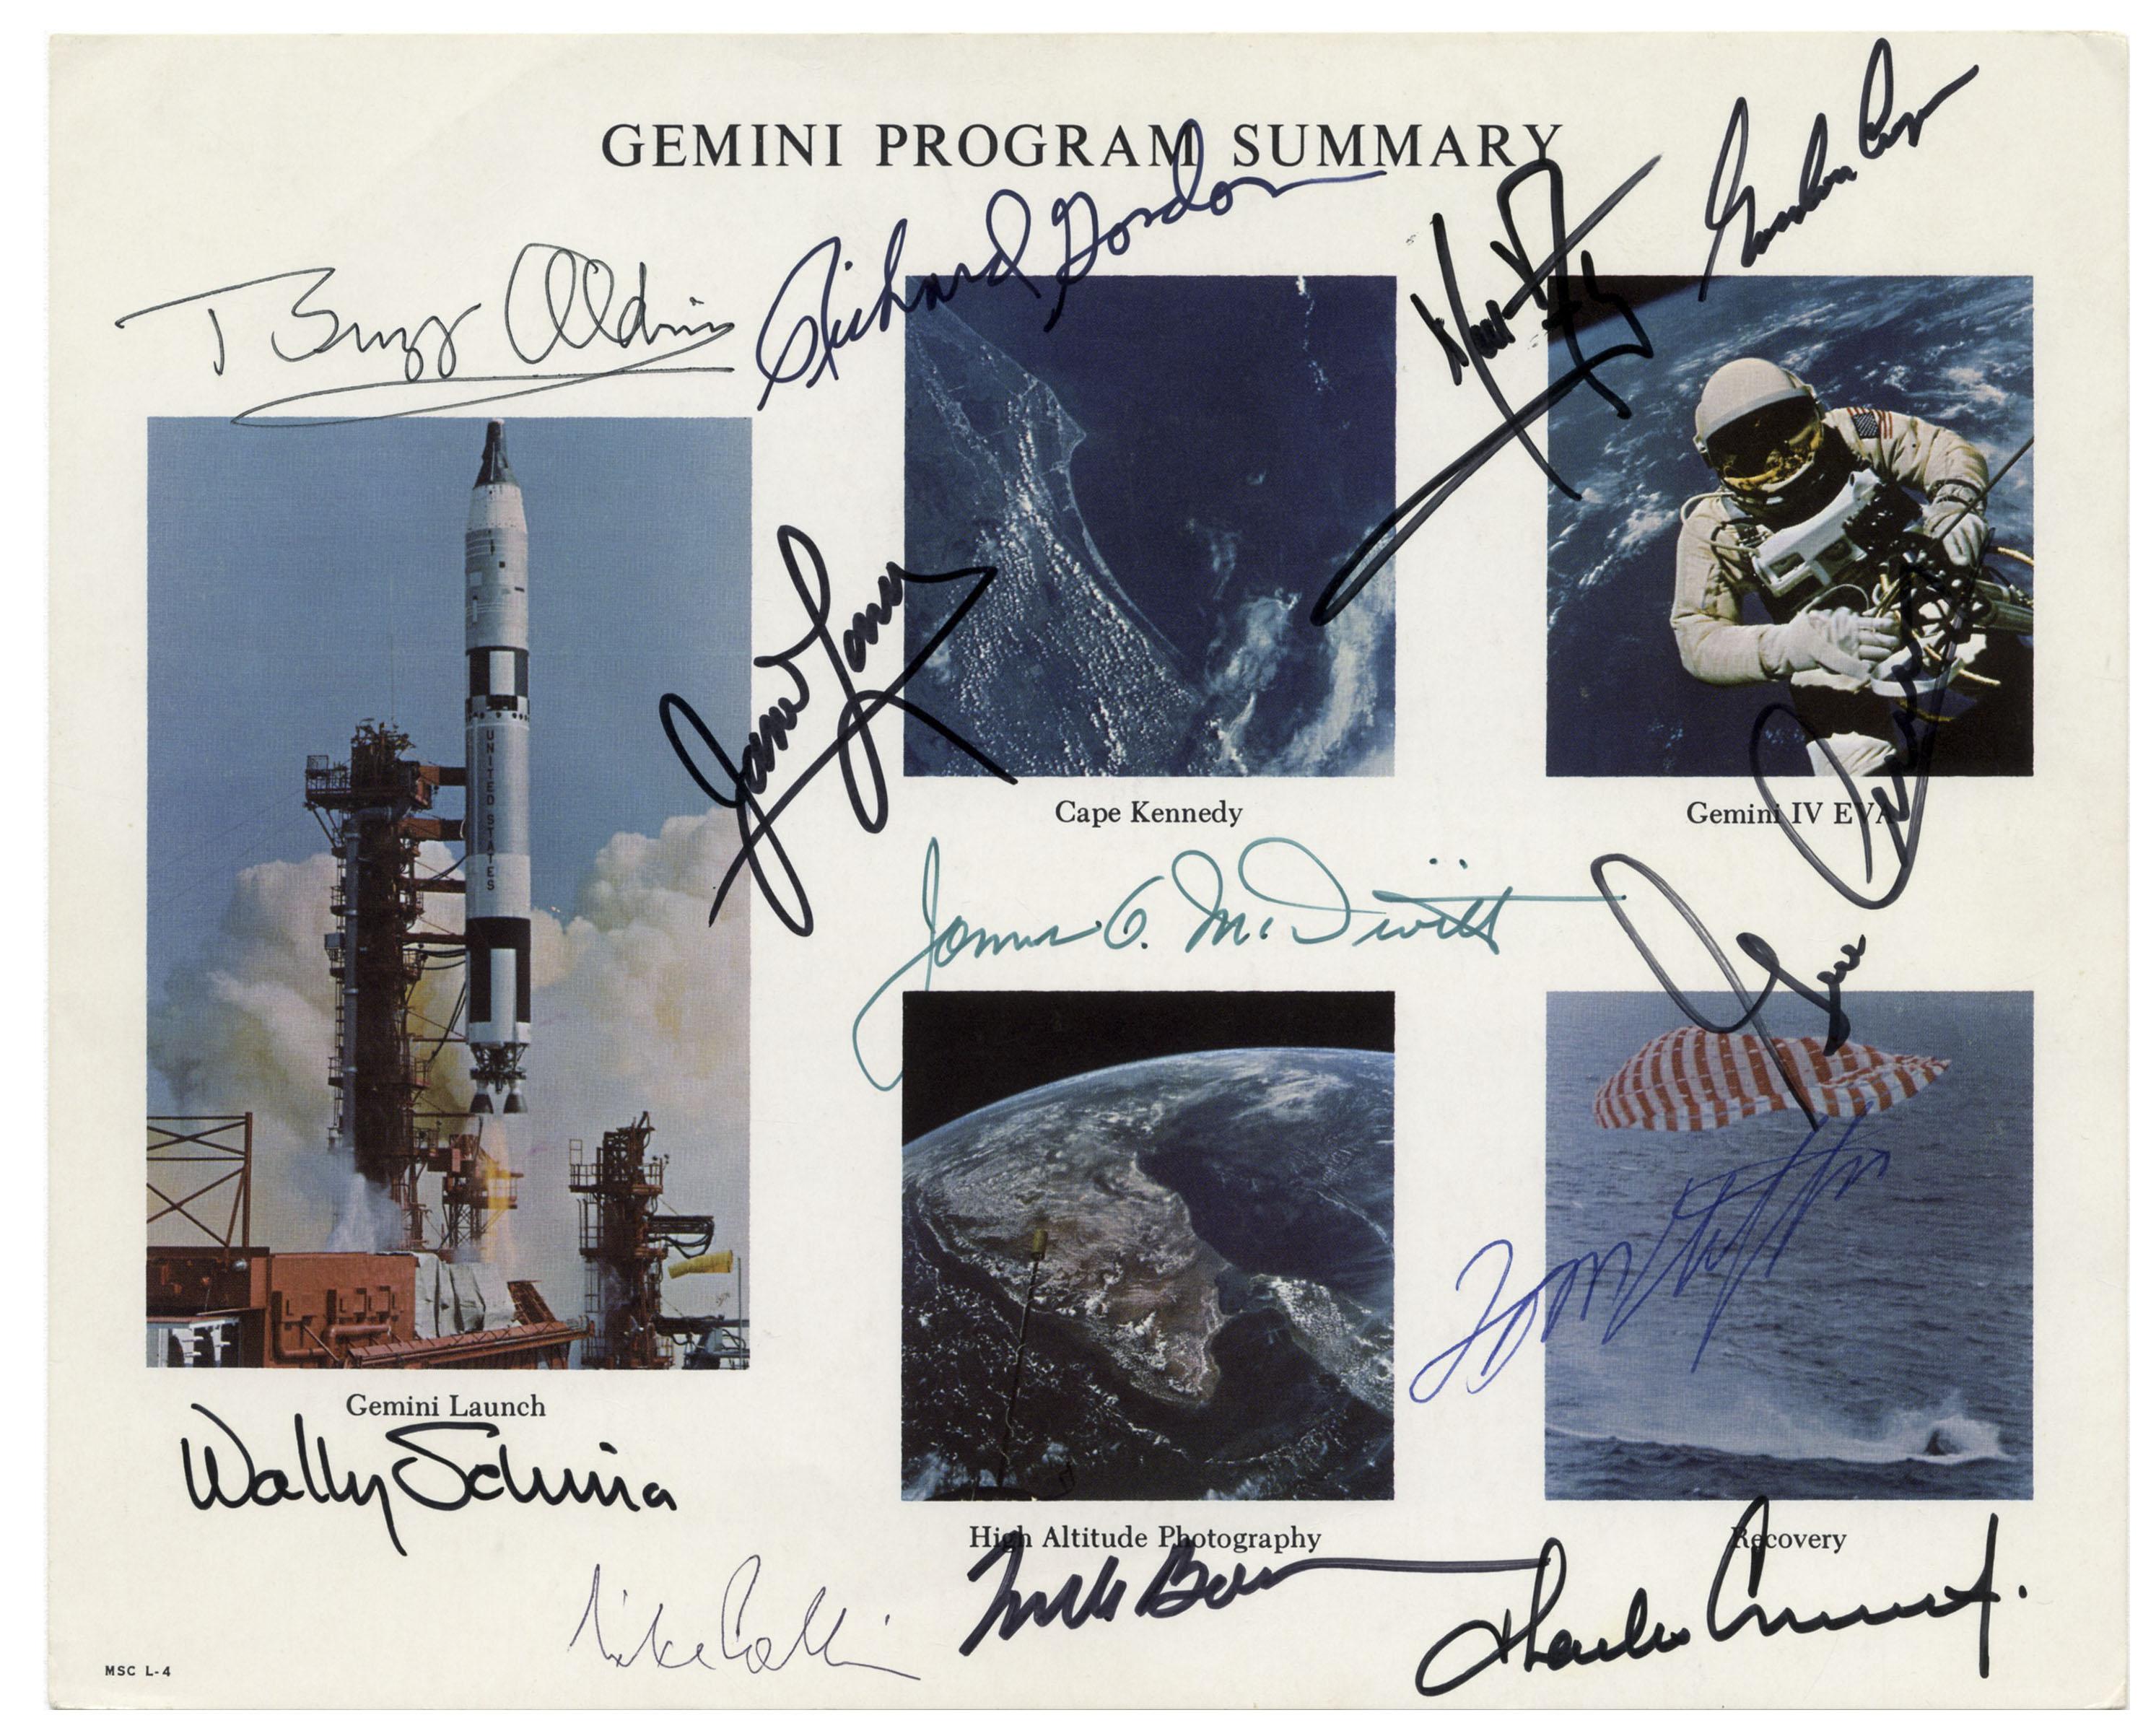 Gemini Autograph